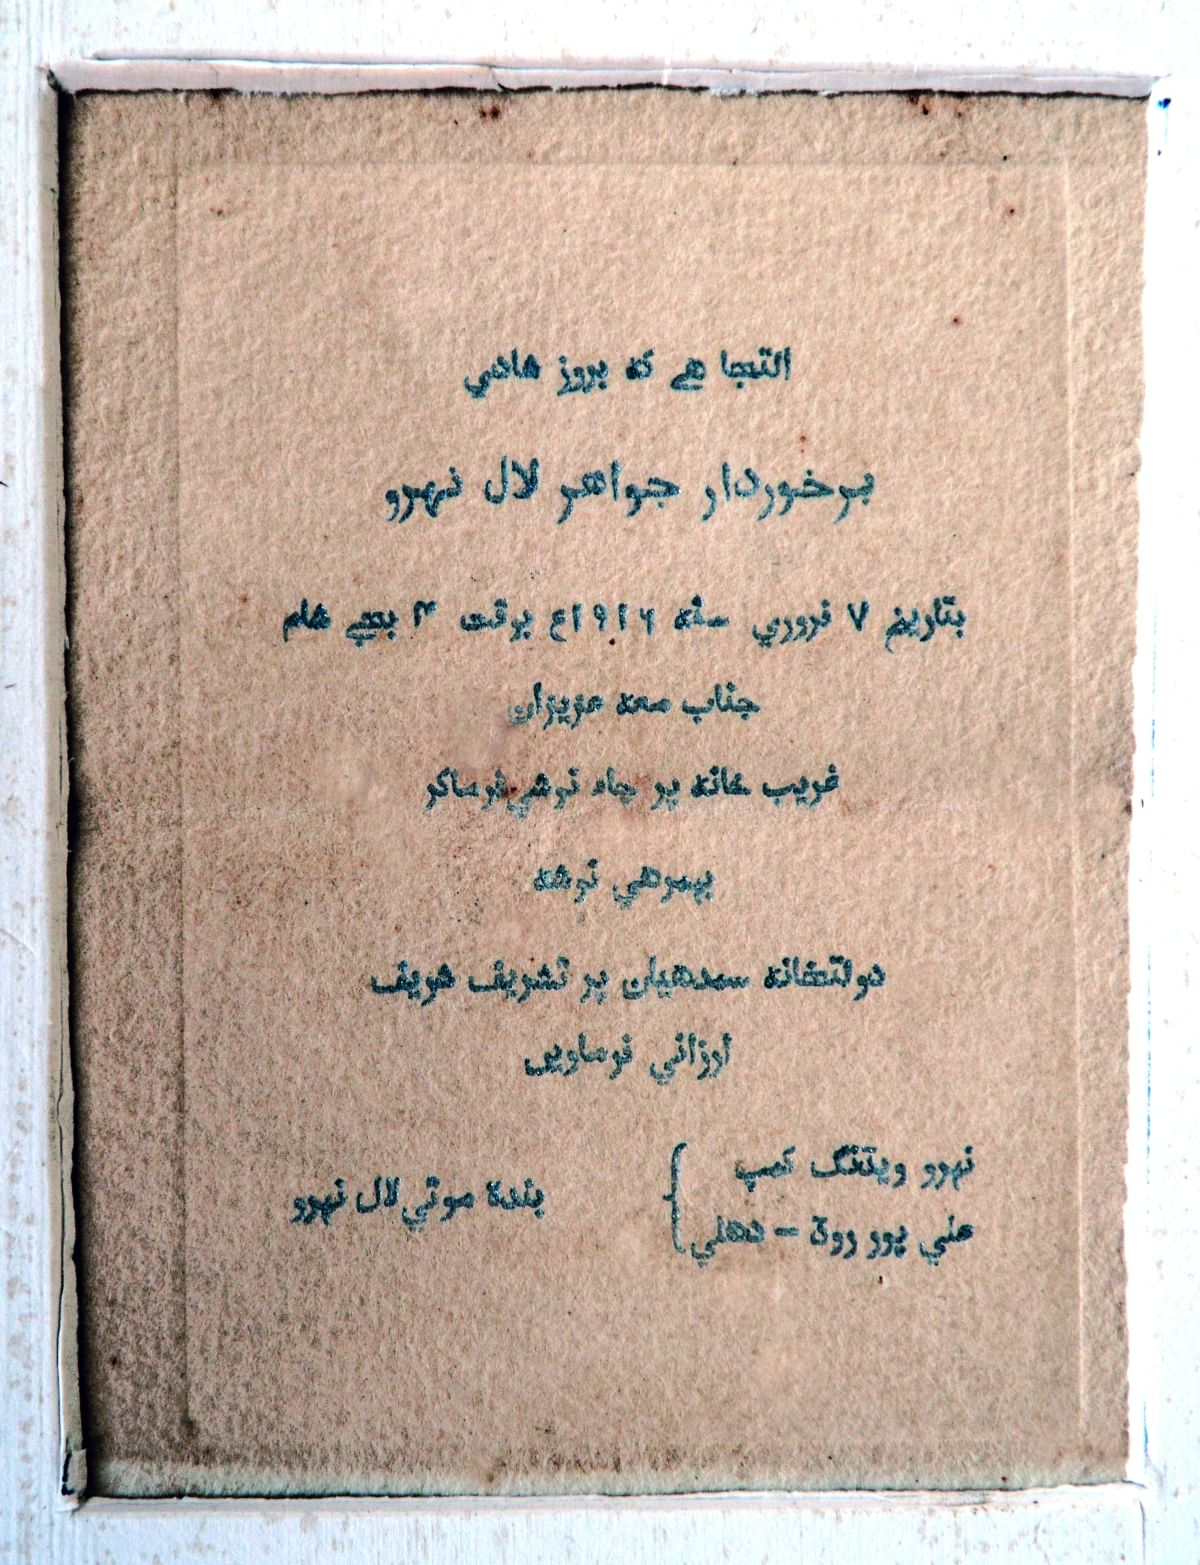 جواہر لال نہرو اور کملا کول کی شادی کا اردو دعوت نامہ